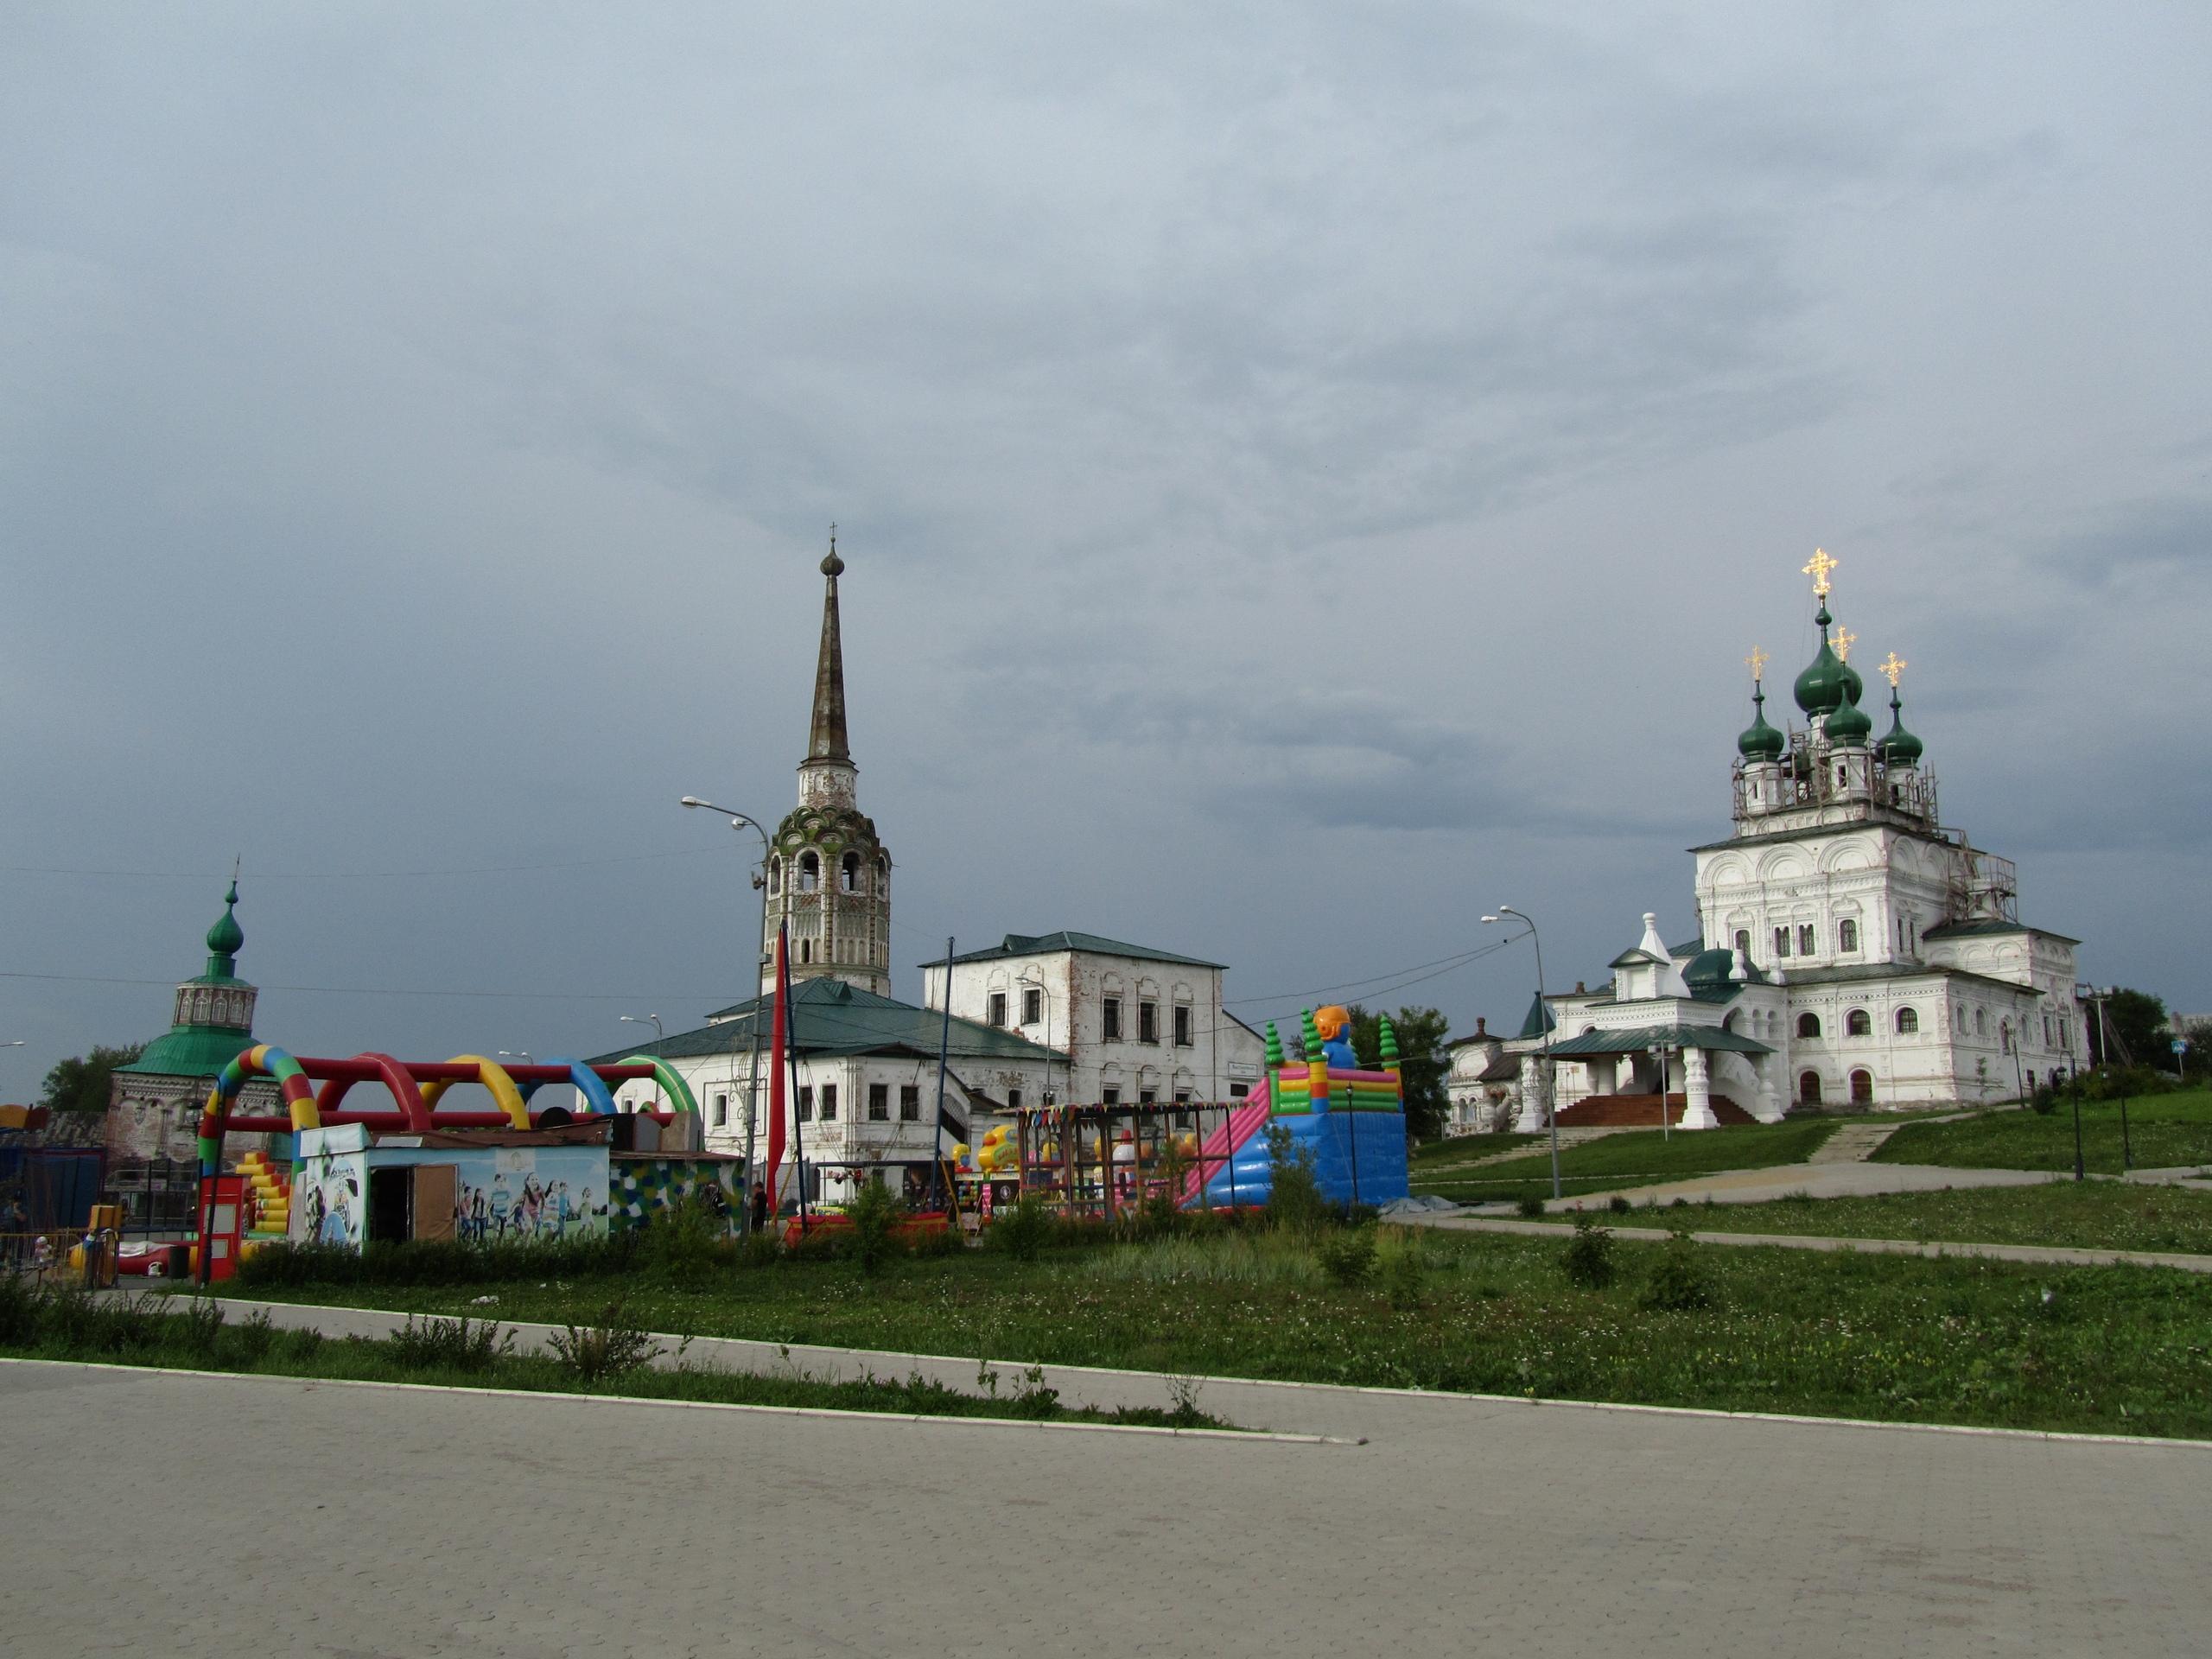 Соликамск Ансамбль старинной архитектуры